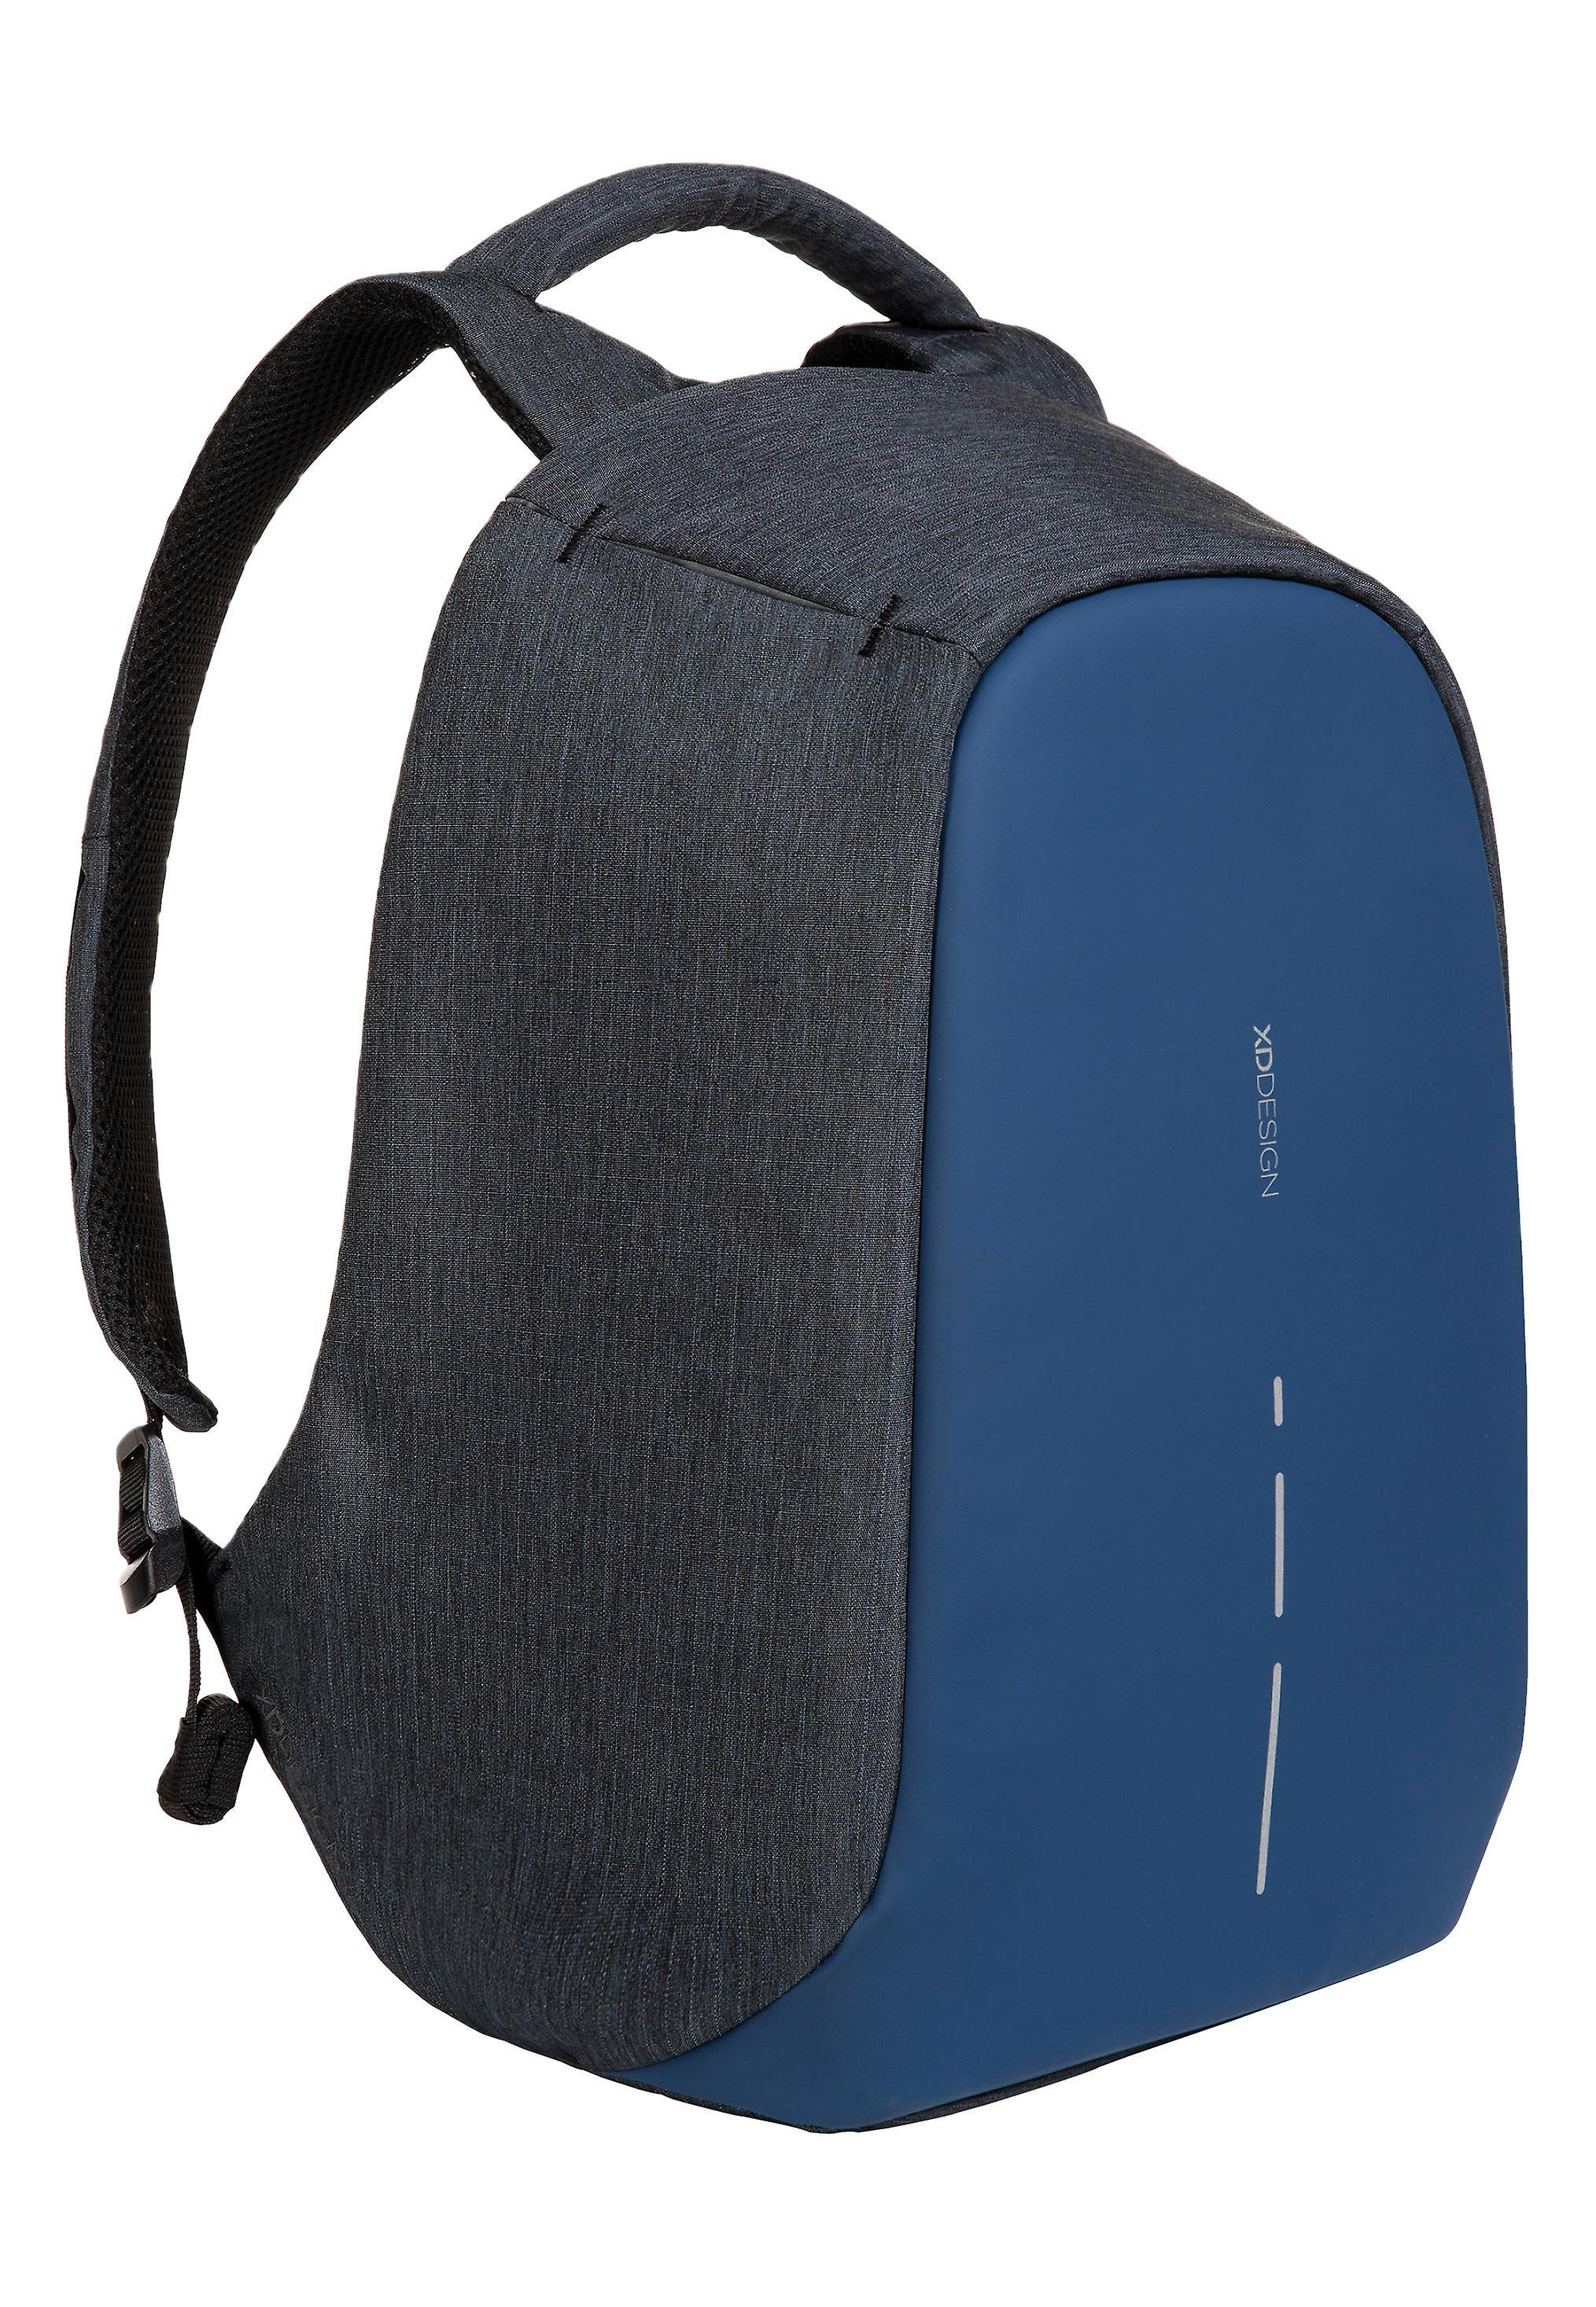 XDDesign Bobby compacte anti diefstal laptop rugzak met USB-poort (unisex)